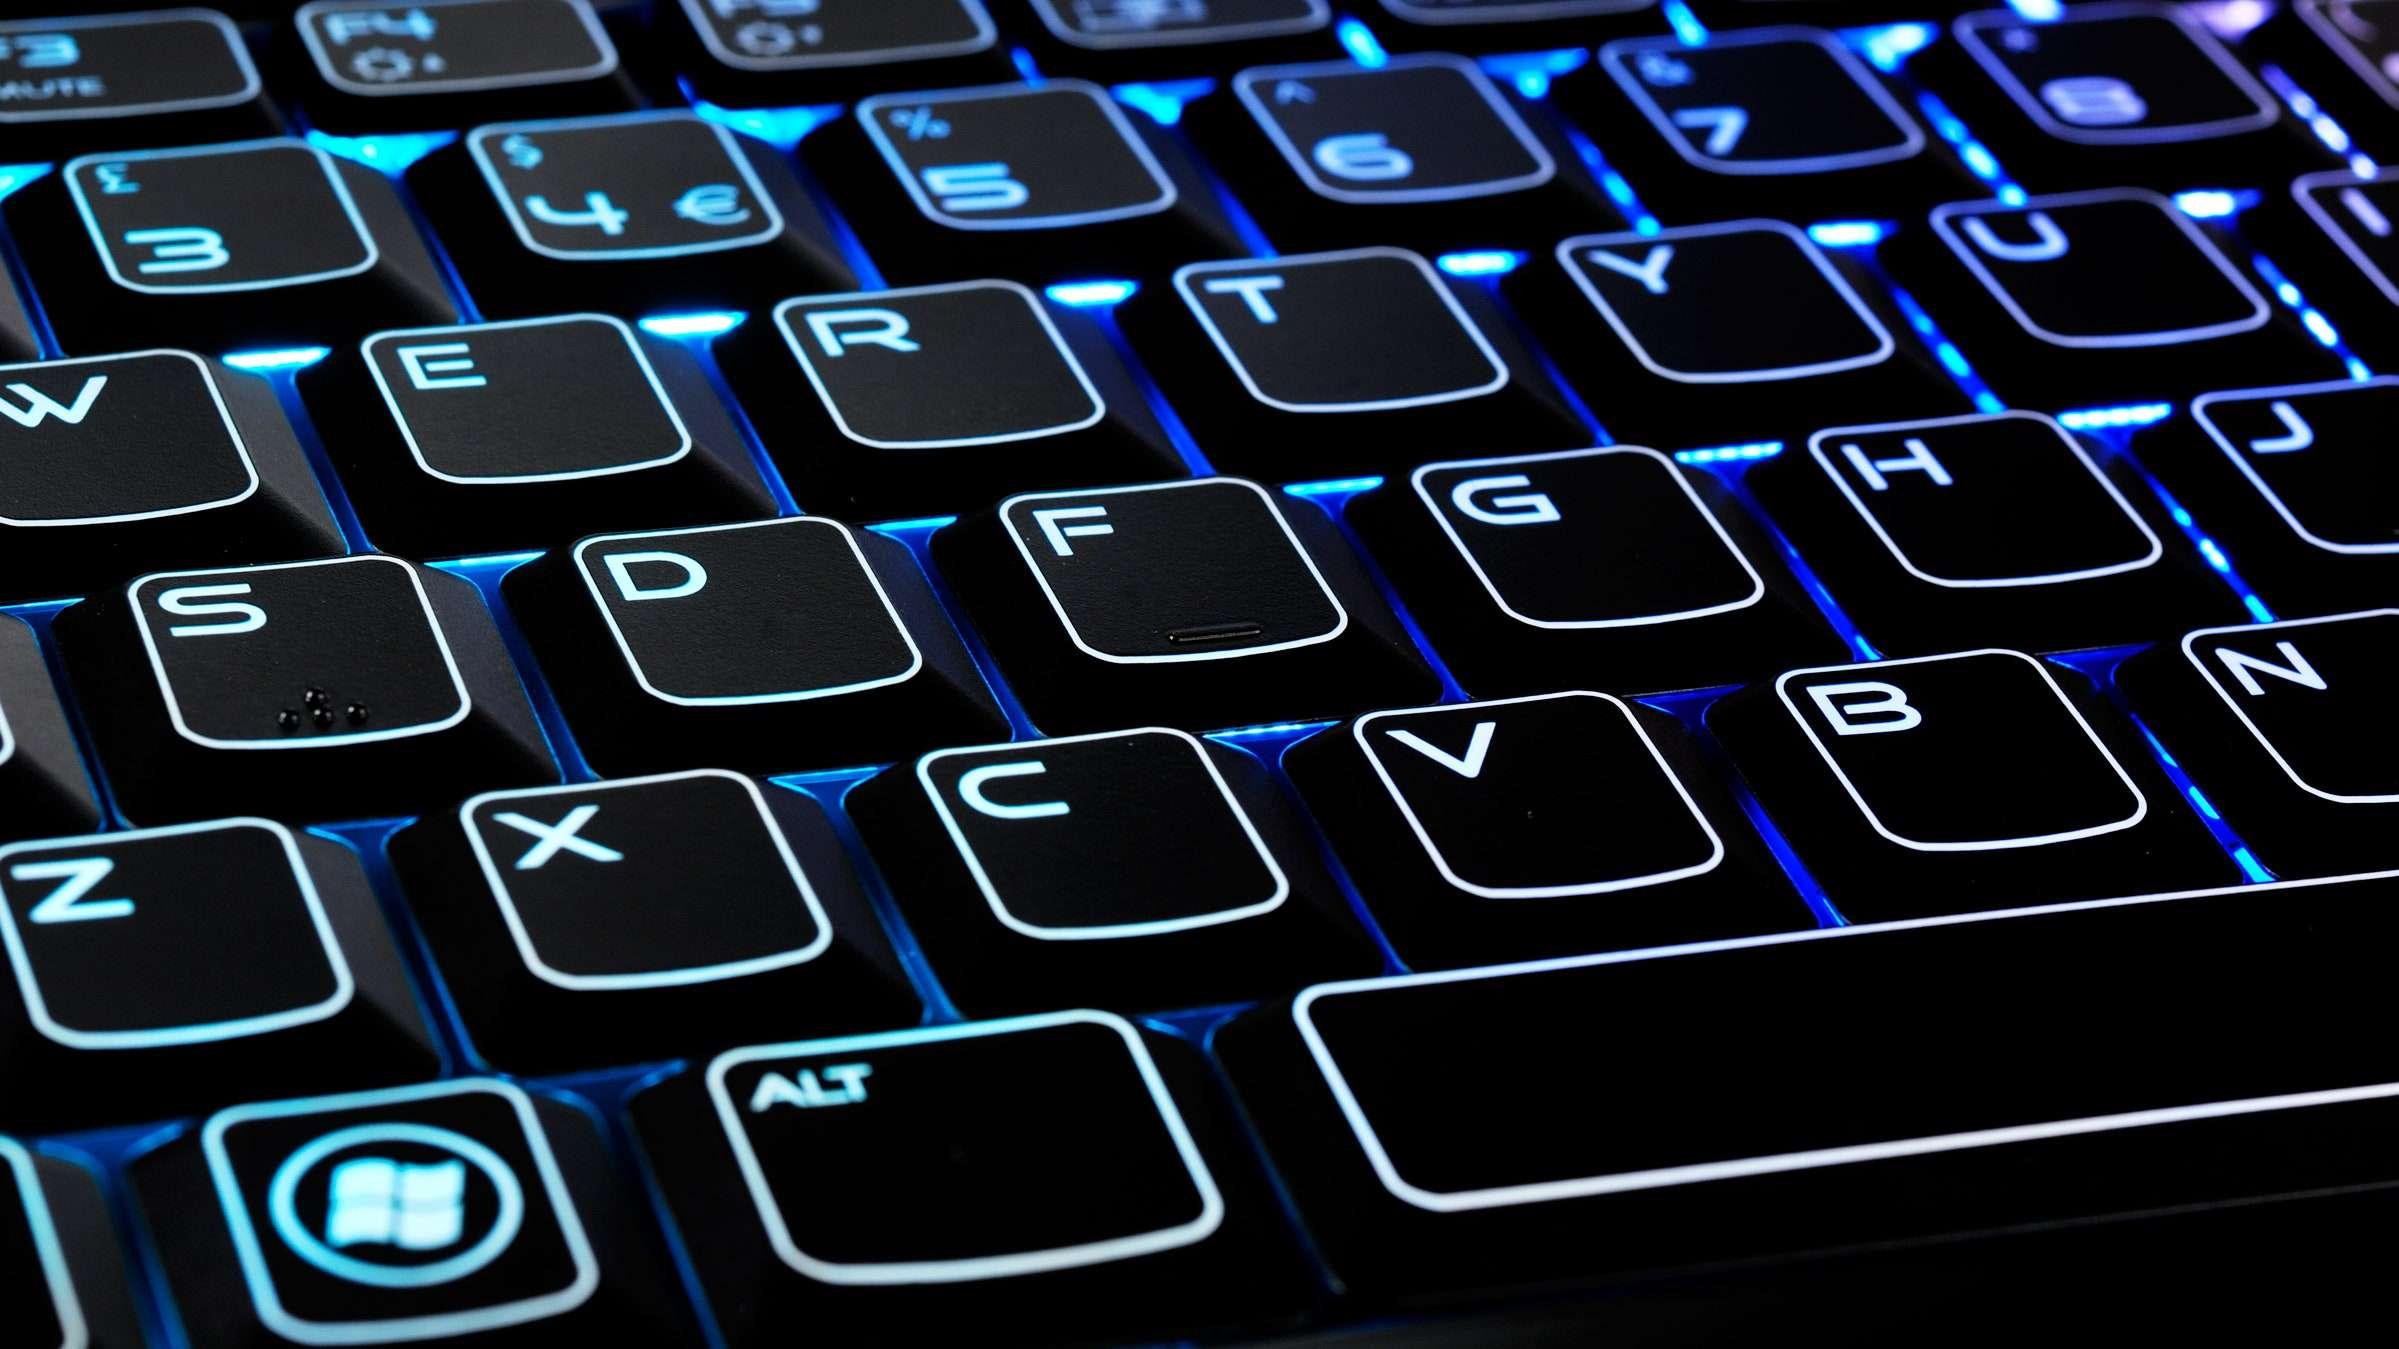 सोचने की गति से टाइप करता है ये कीबोर्ड